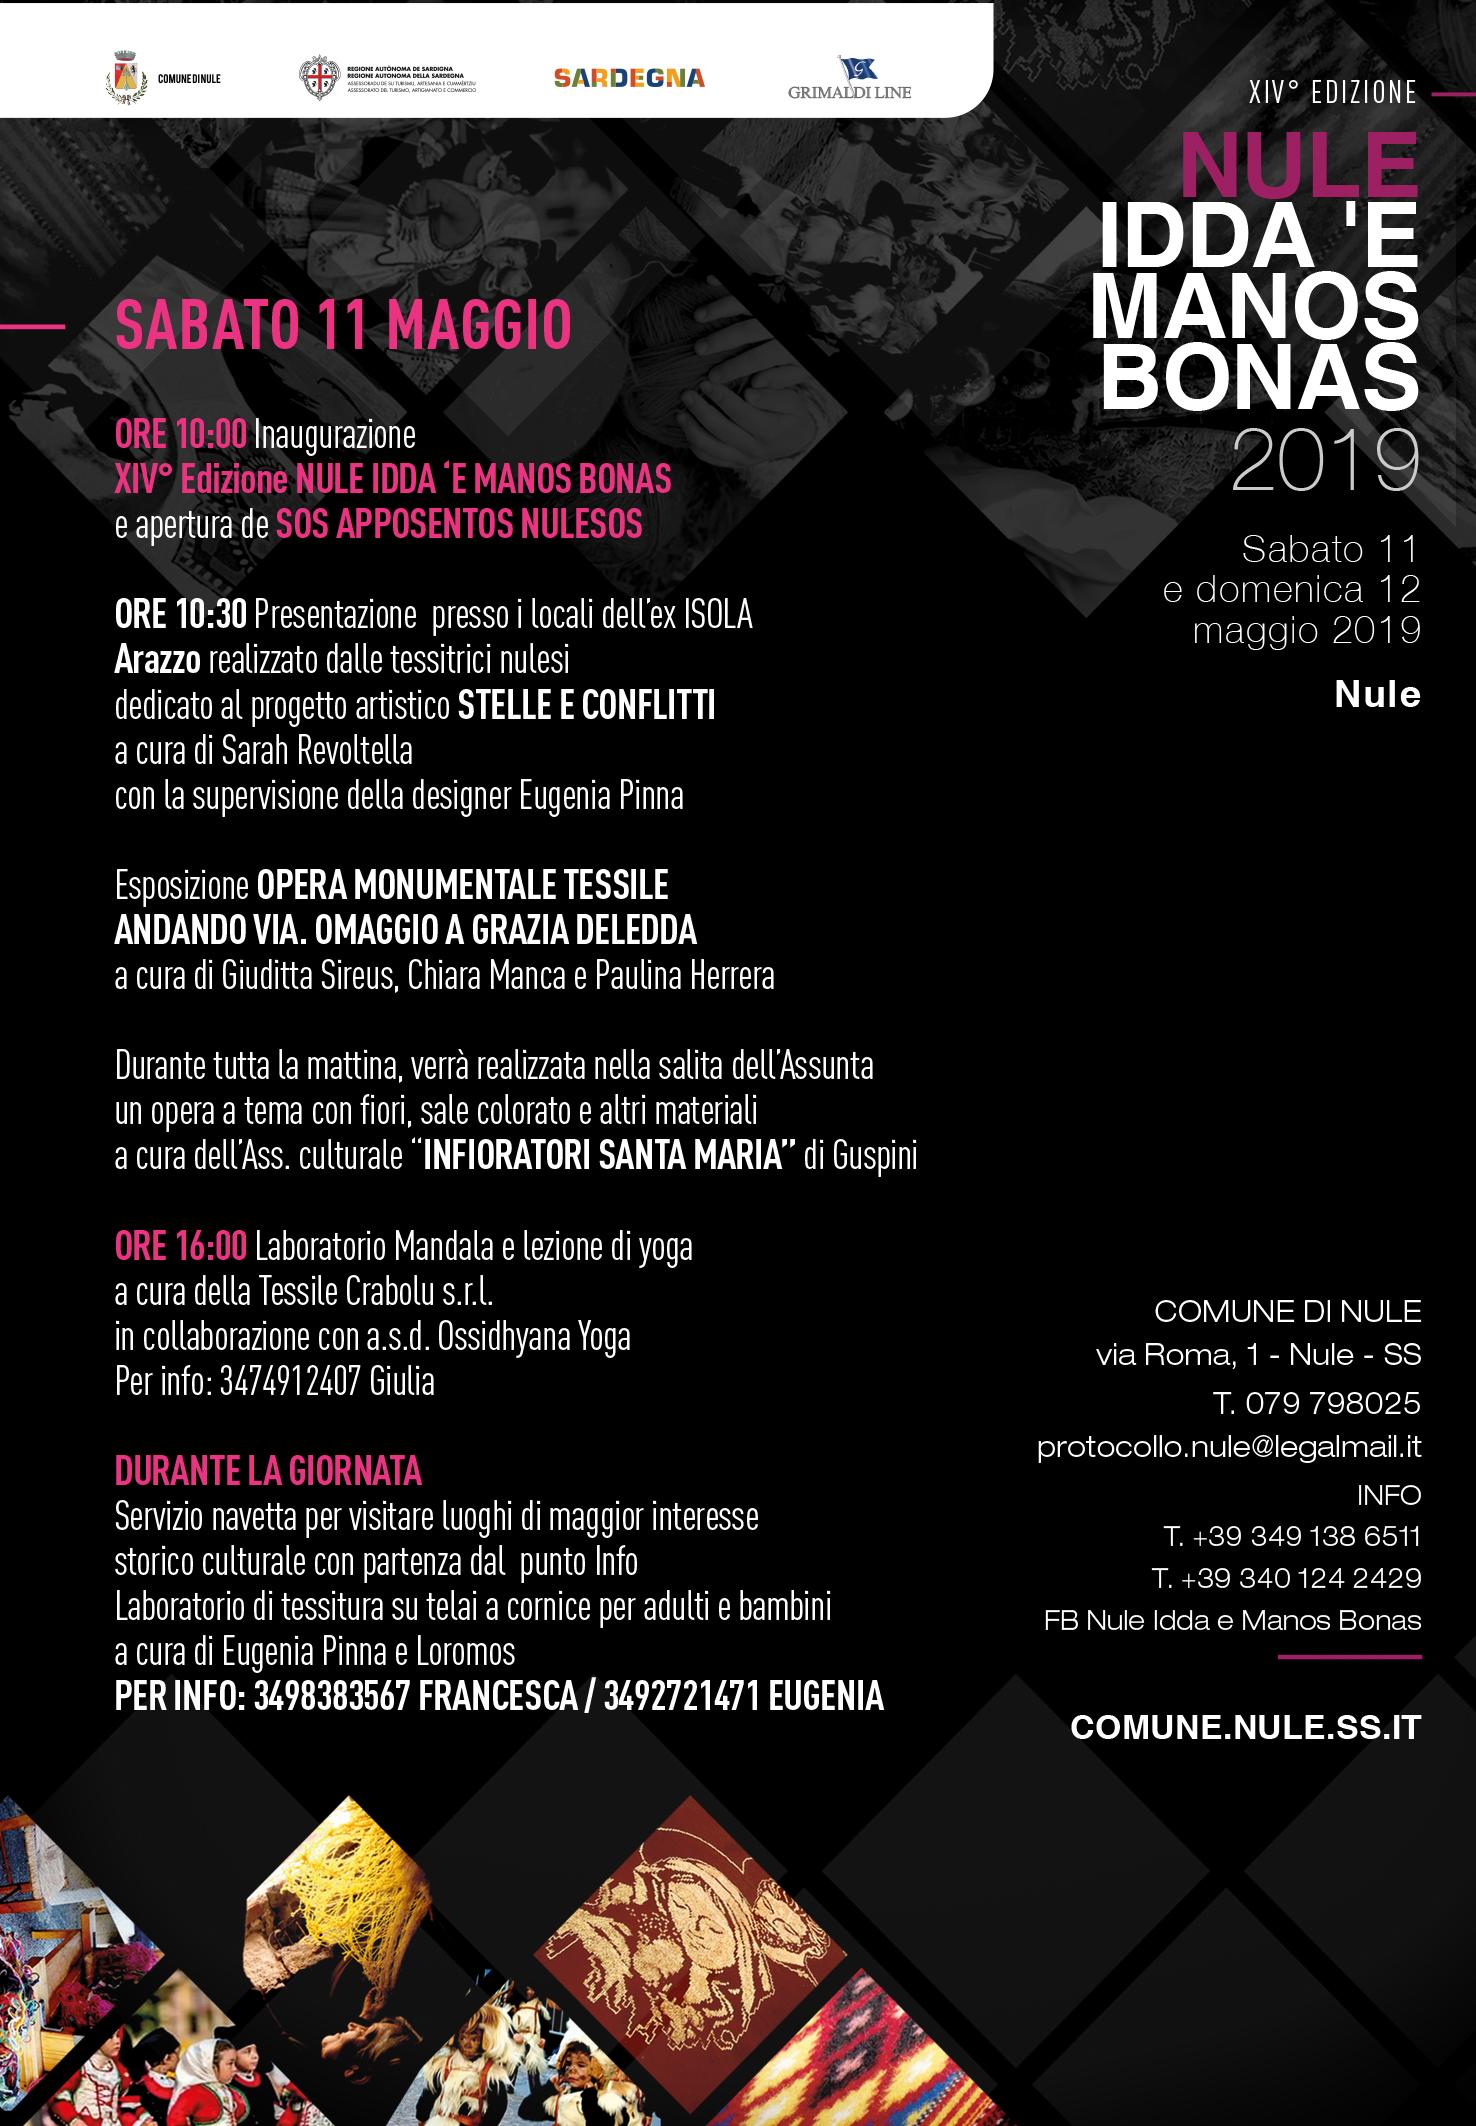 FB - 01 - Nule Idda 'e Manos Bonas